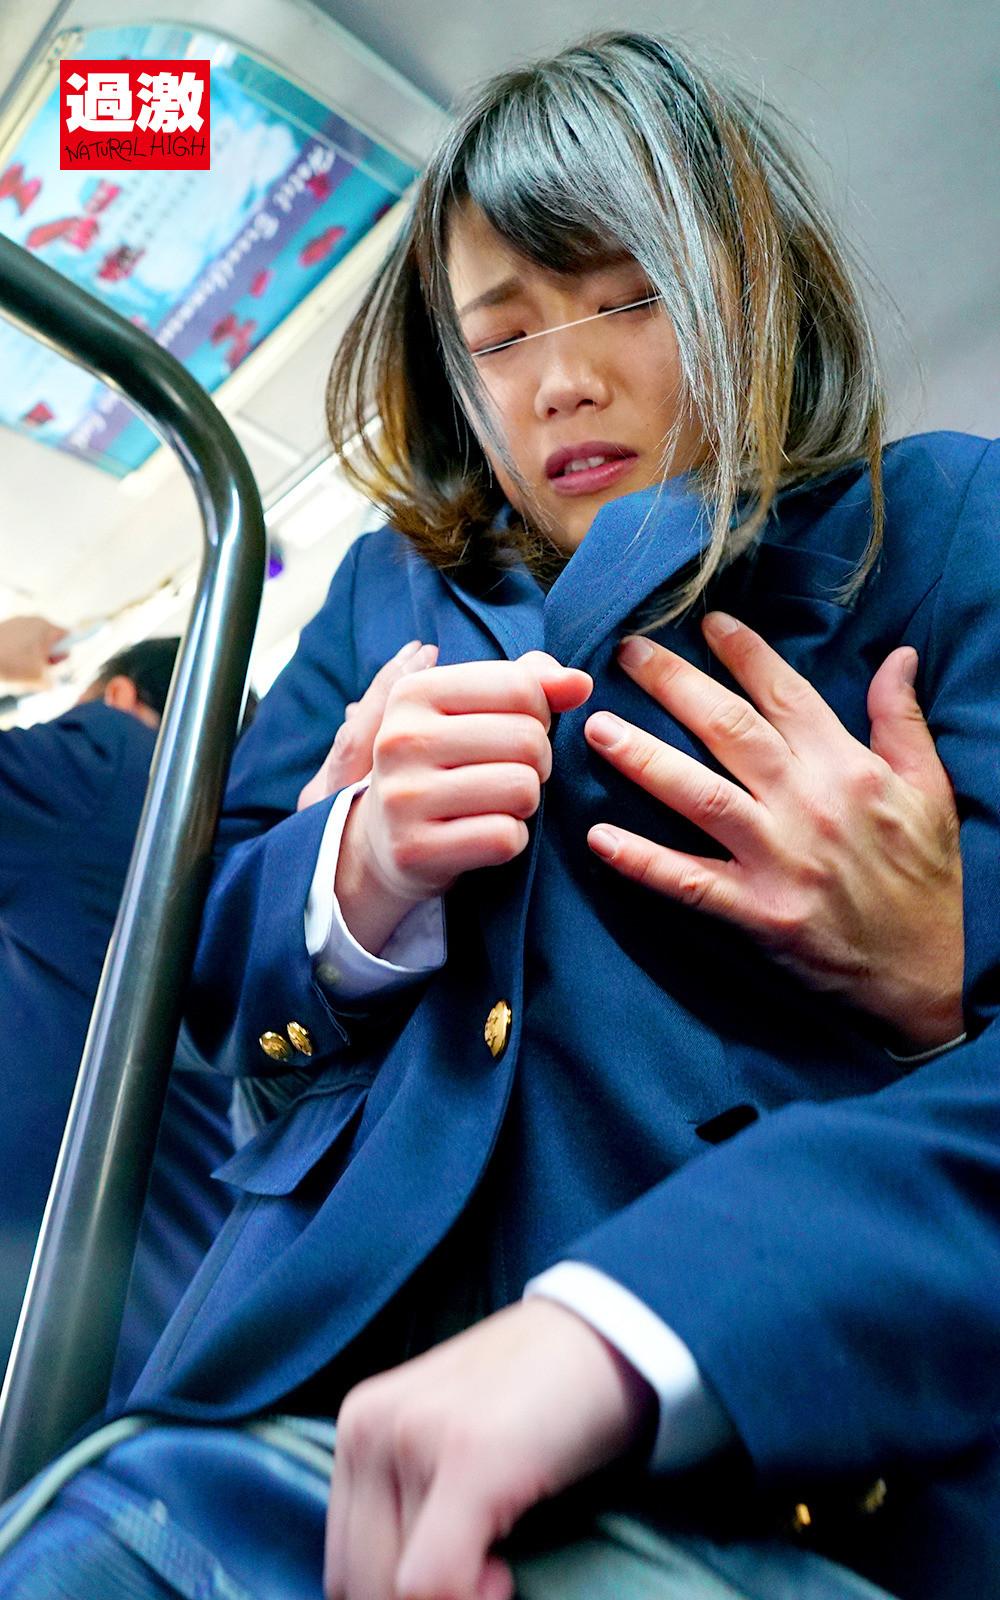 満員バスで背後から制服越しにねっとり乳揉み痴漢され腰をクネらせ感じまくる巨乳女子○生 10 画像1